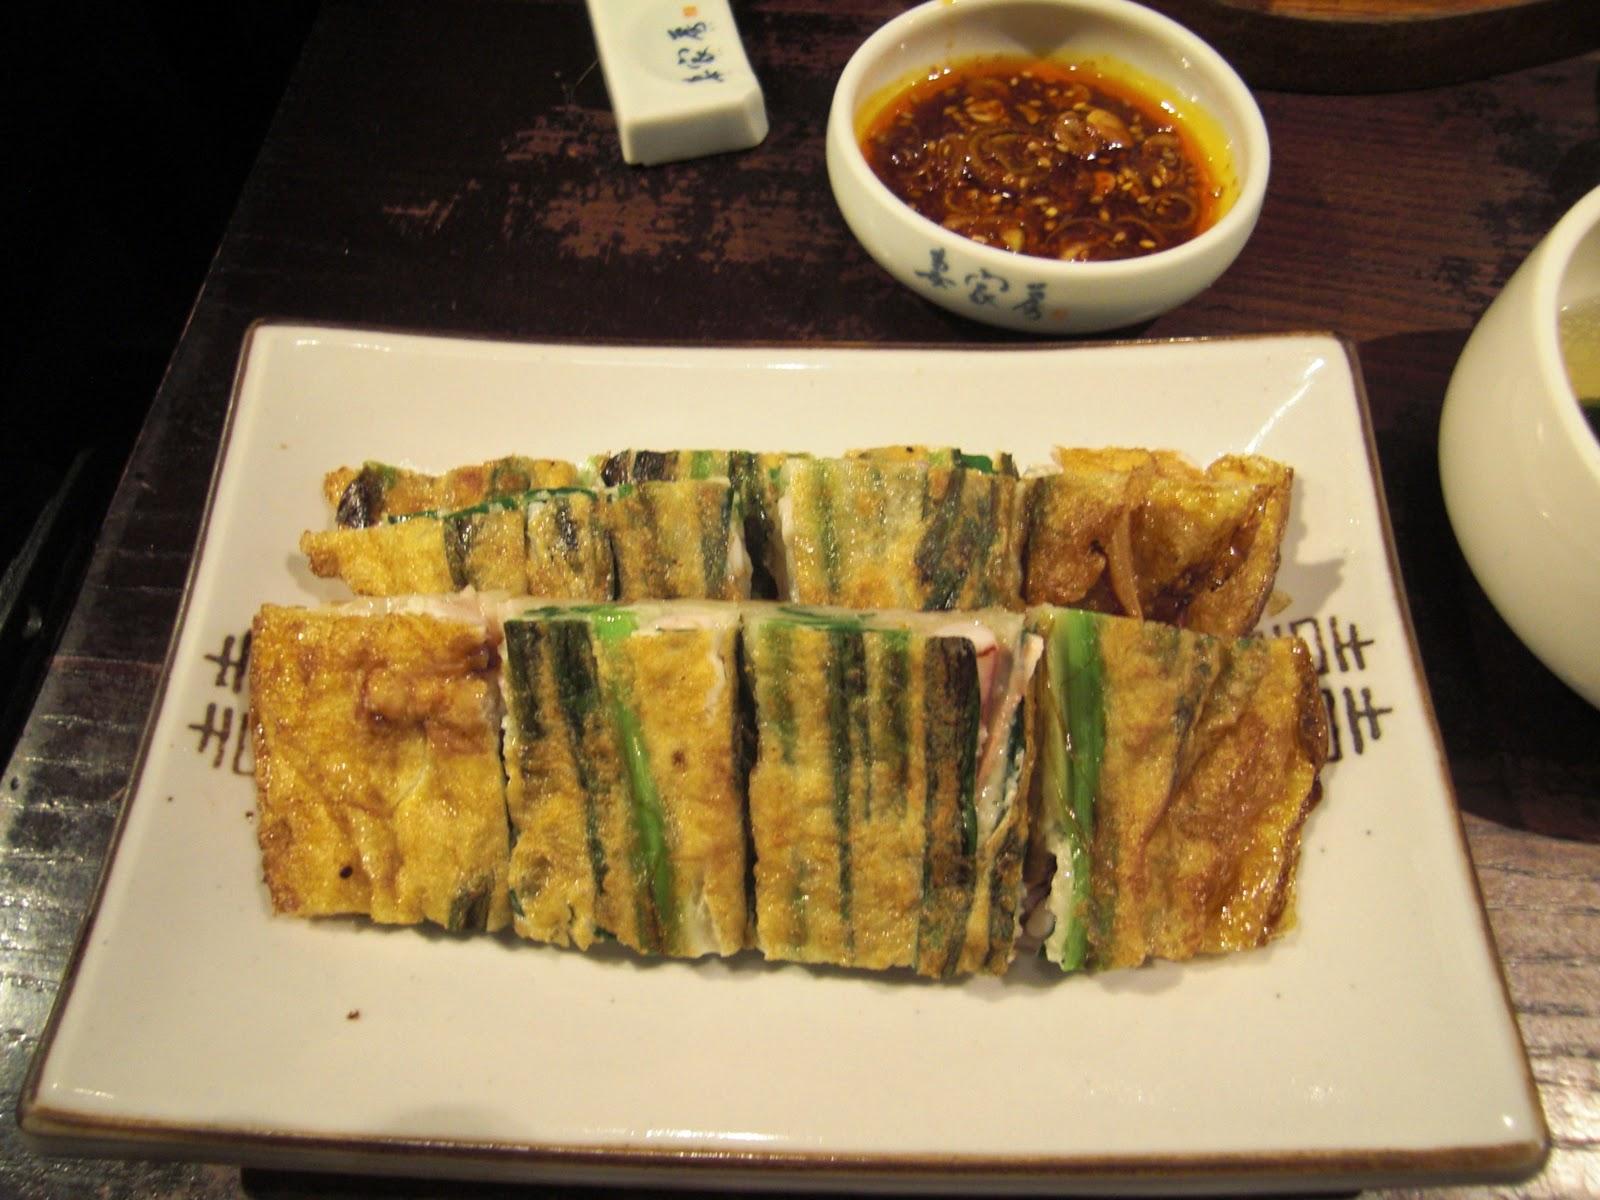 ルミネで韓国料理 - ポチャ ルミネ新宿店の口コミ -  …